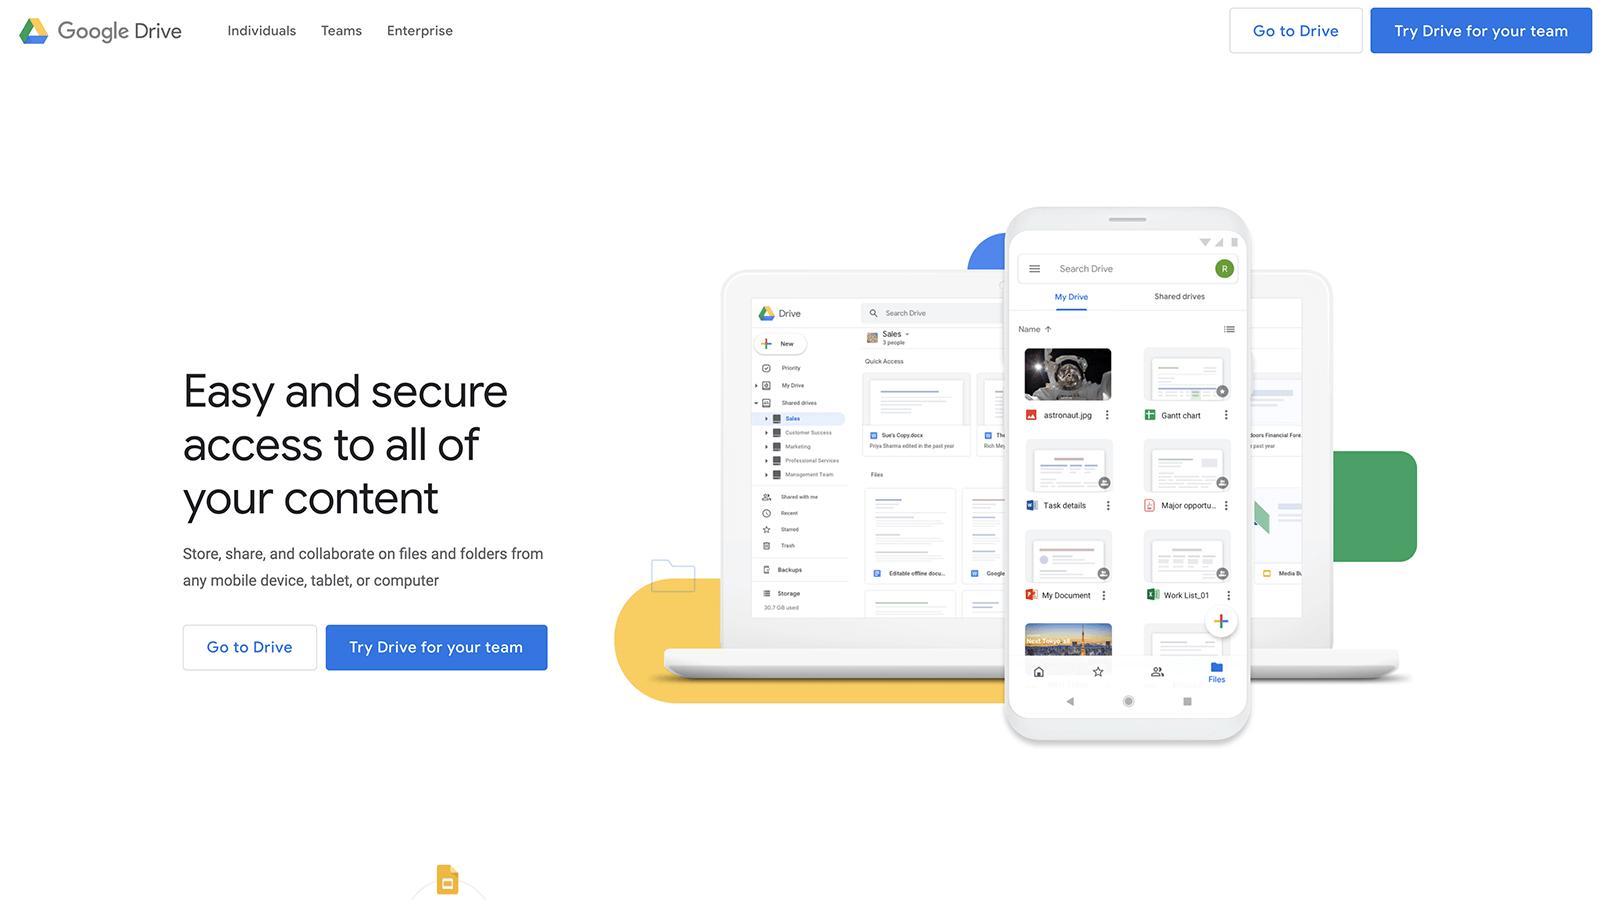 Google Drive Main